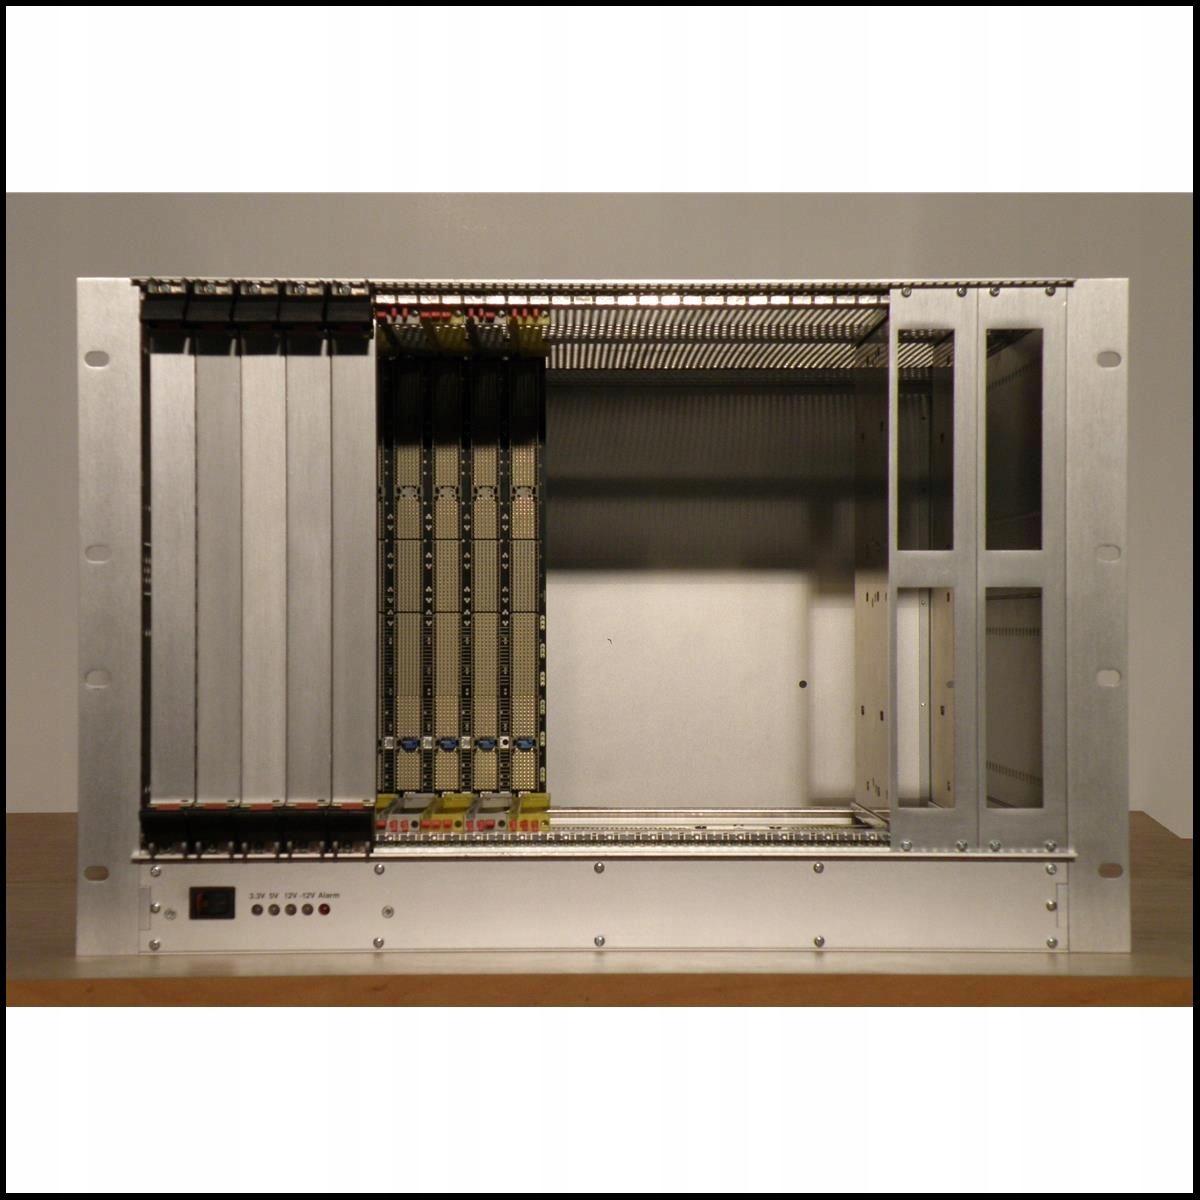 RIPAC MPS SYSTEM CPCI 7U (6+1)